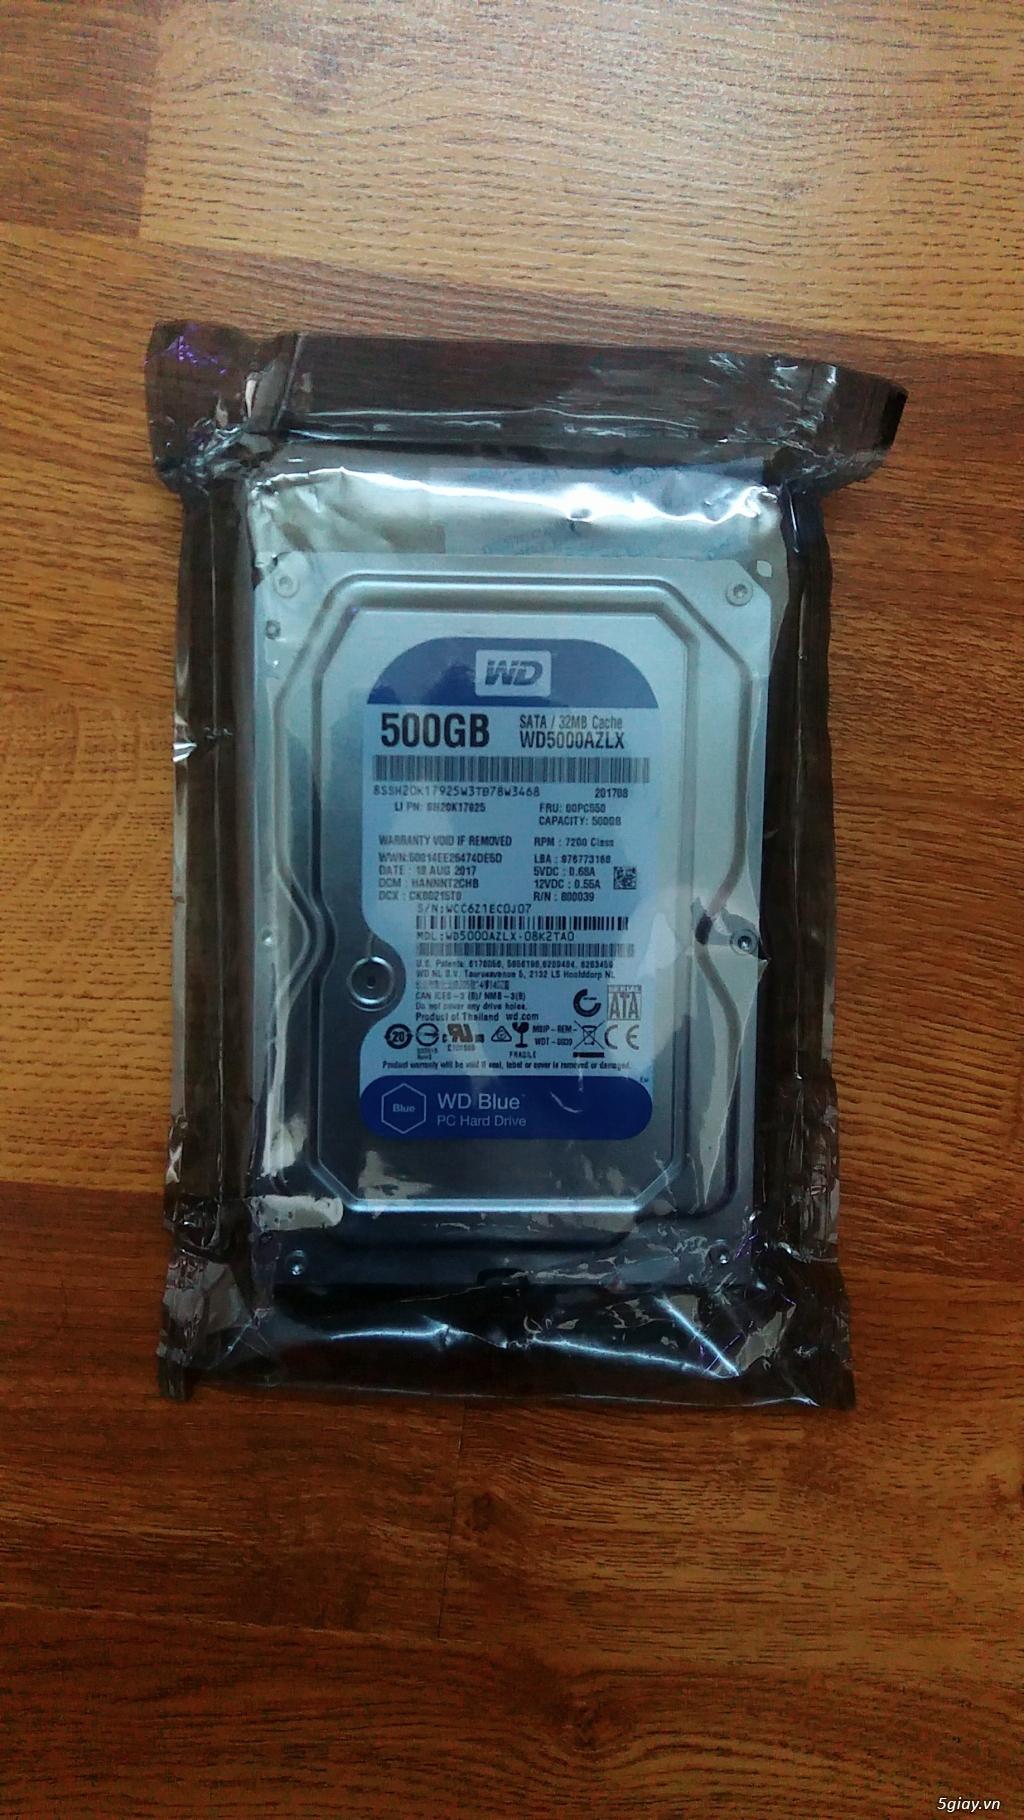 Ổ cứng pc, laptop 320gb đến 1tb mới 100% nhập từ Mỹ giá sỉ. - 7